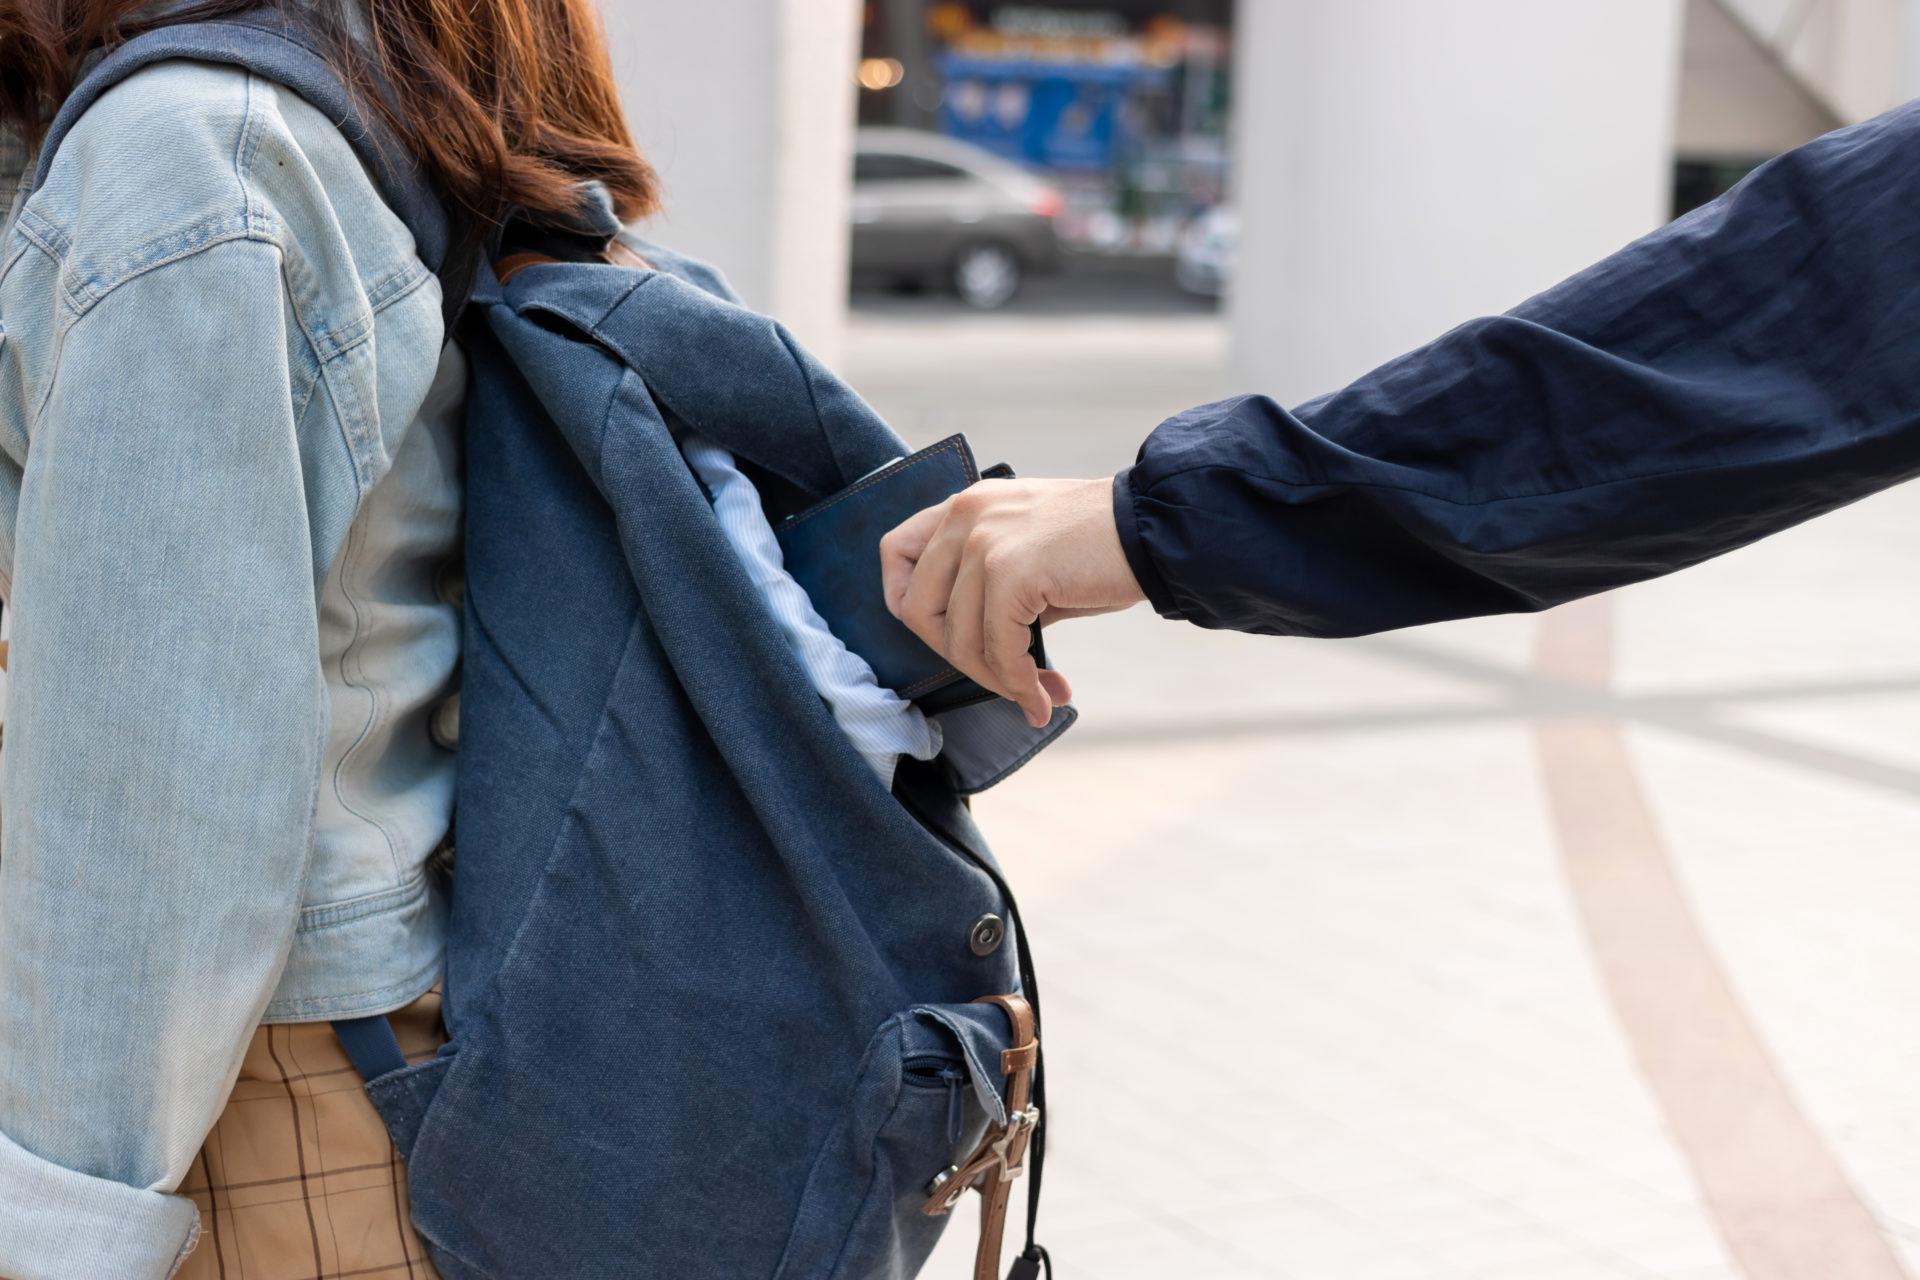 homme dérobant un porte-monnaie dans un sac à dos